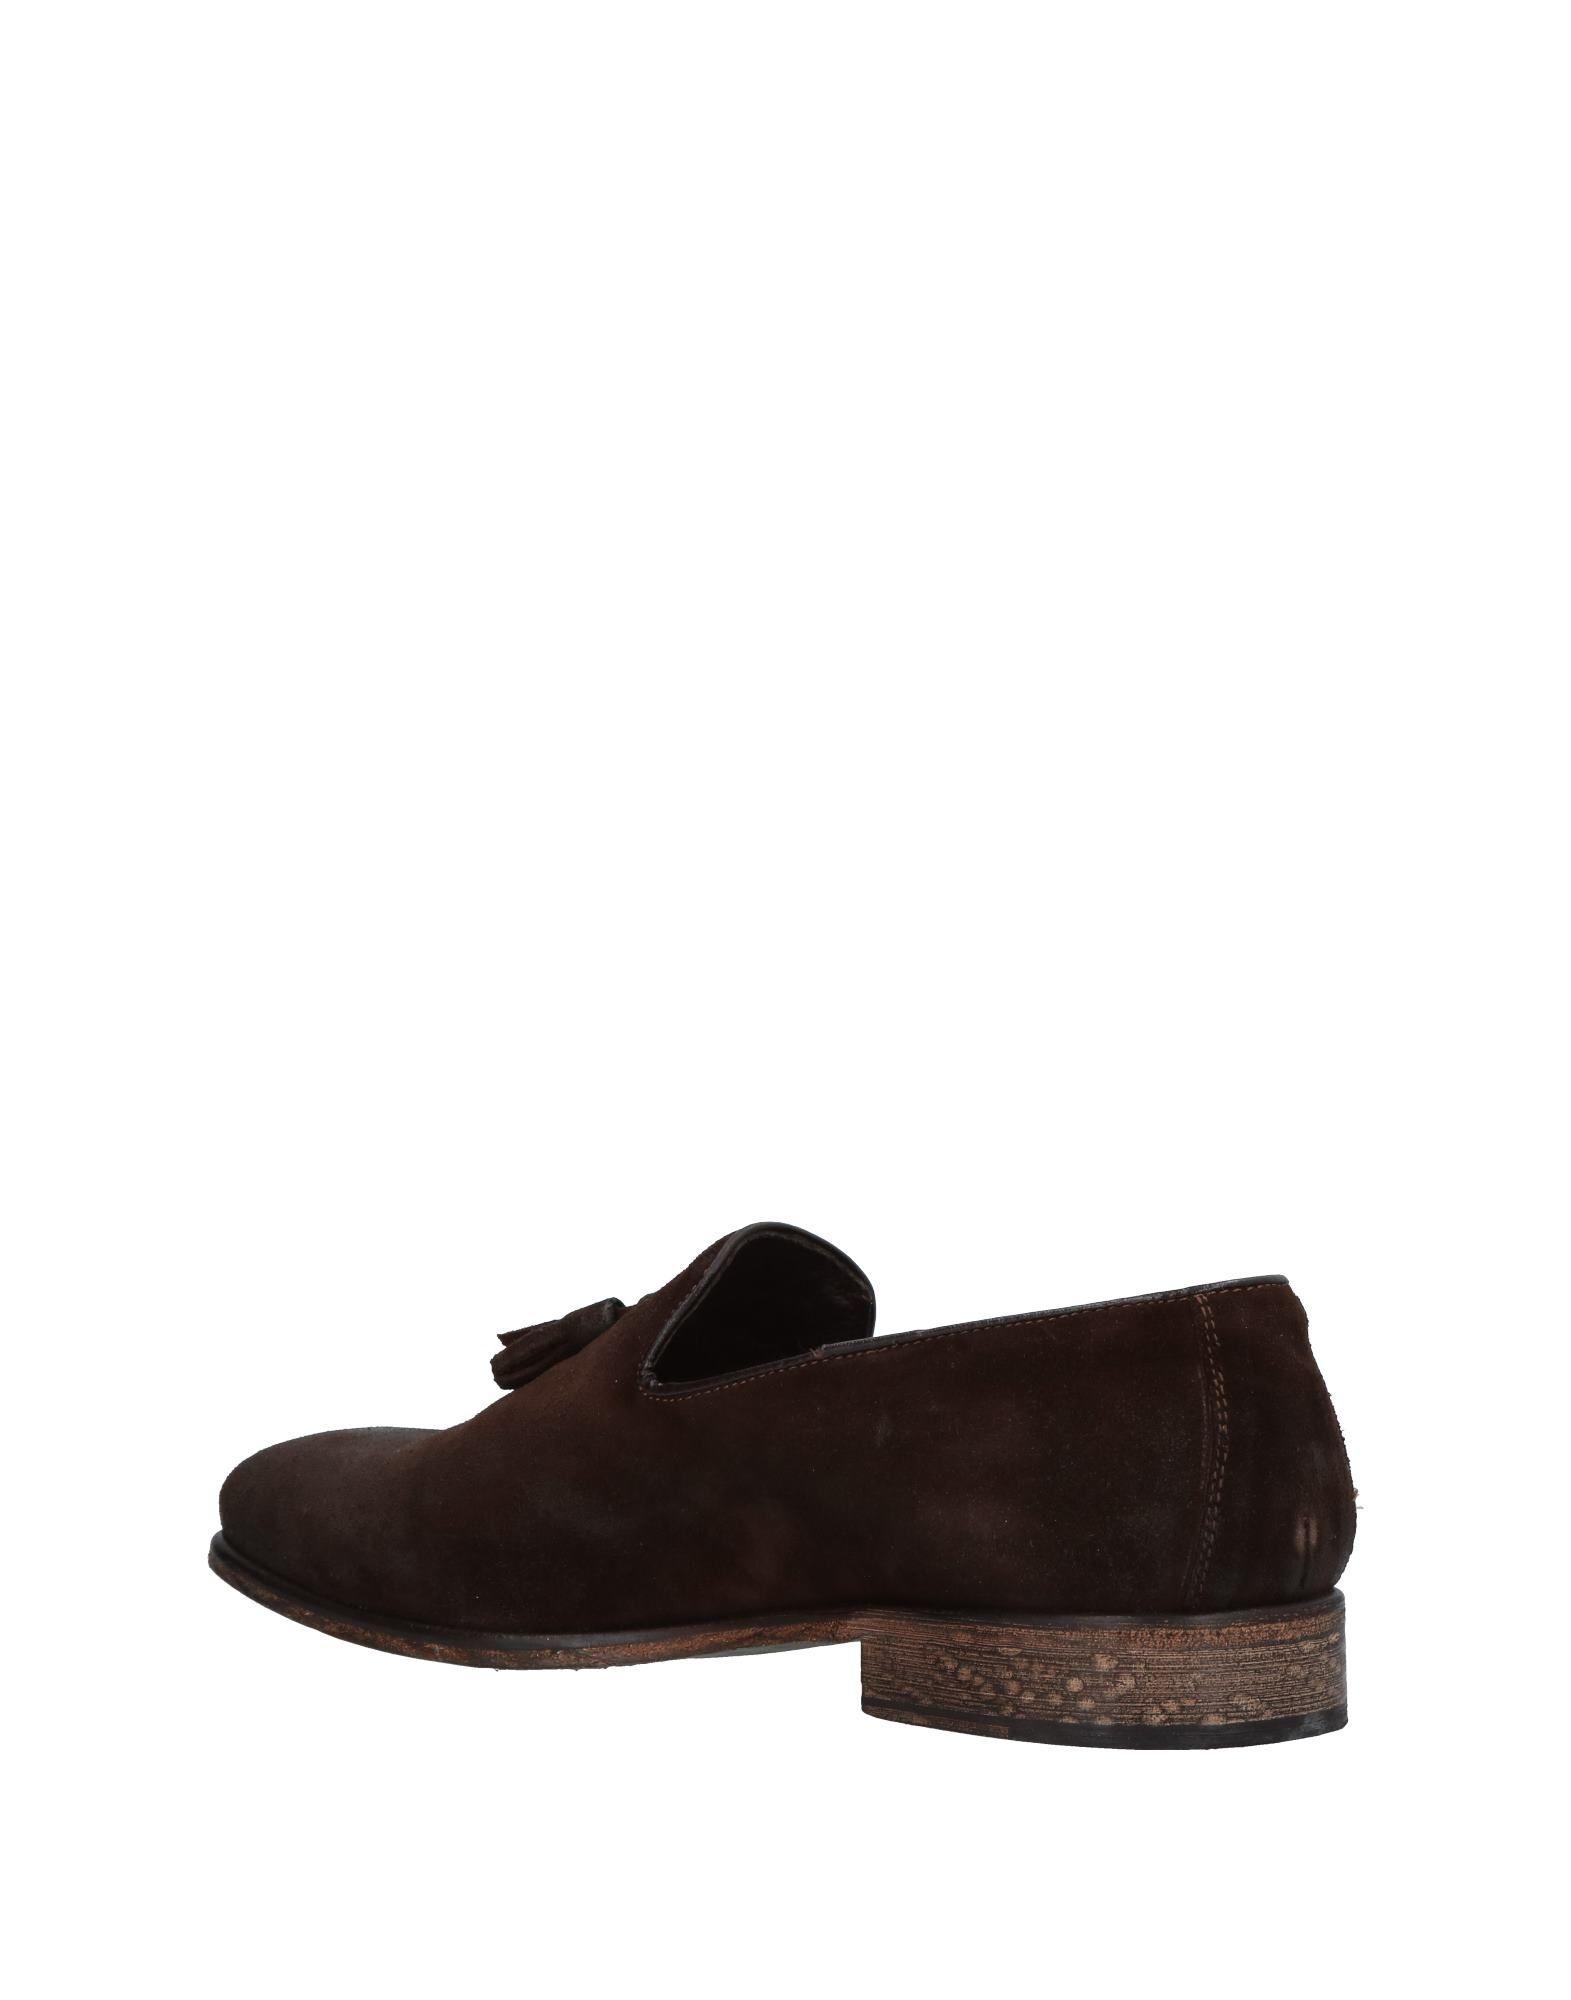 Rabatt echte Schuhe Daniele  Alessandrini Mokassins Herren  Daniele 11373286KF 24a5ae